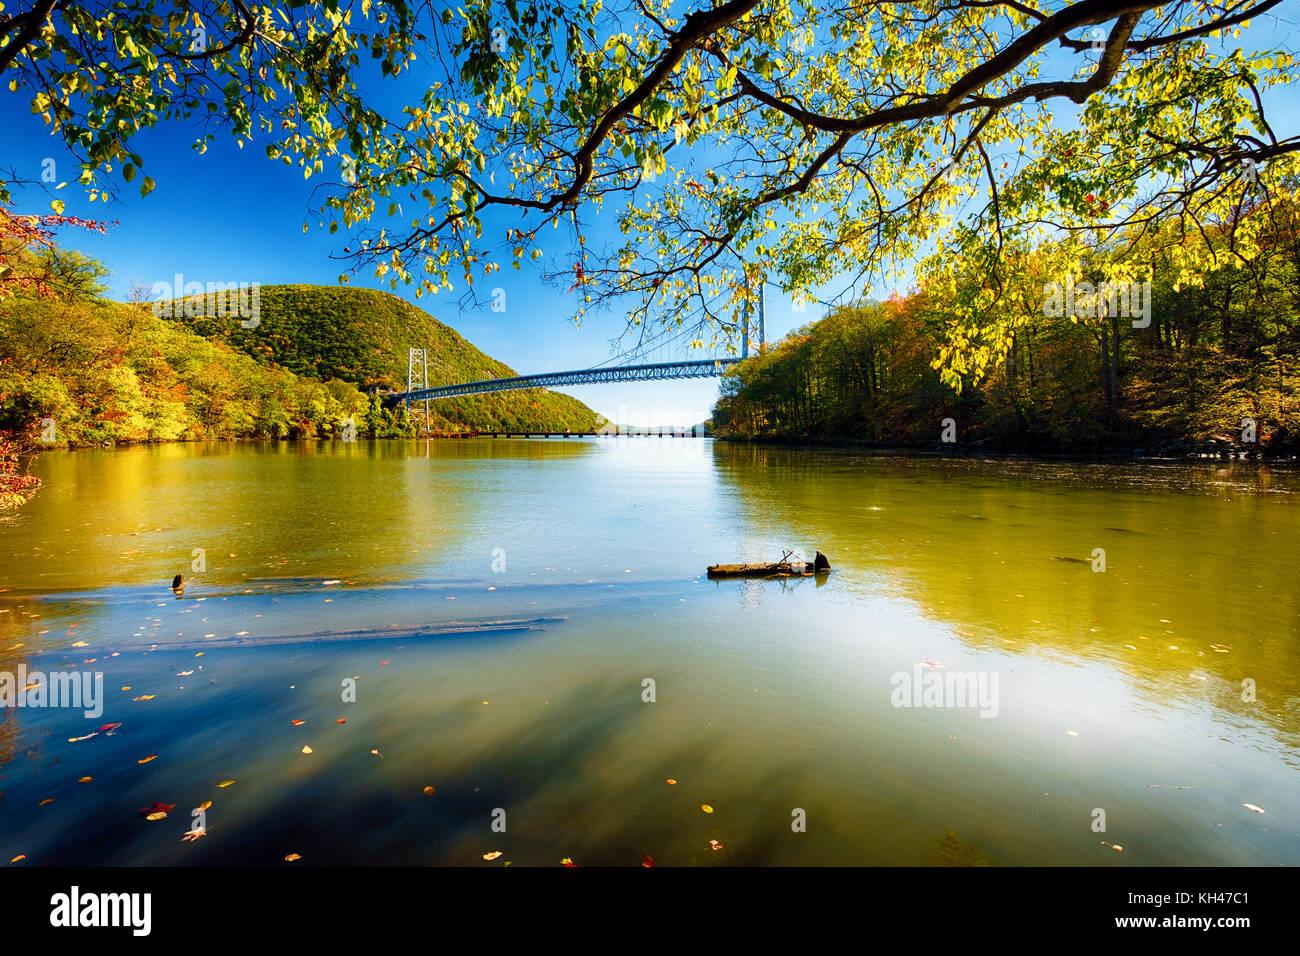 Ángulo de visión baja hacia el este del Bear Mountain bridge, Montgomery, Nueva York Imagen De Stock